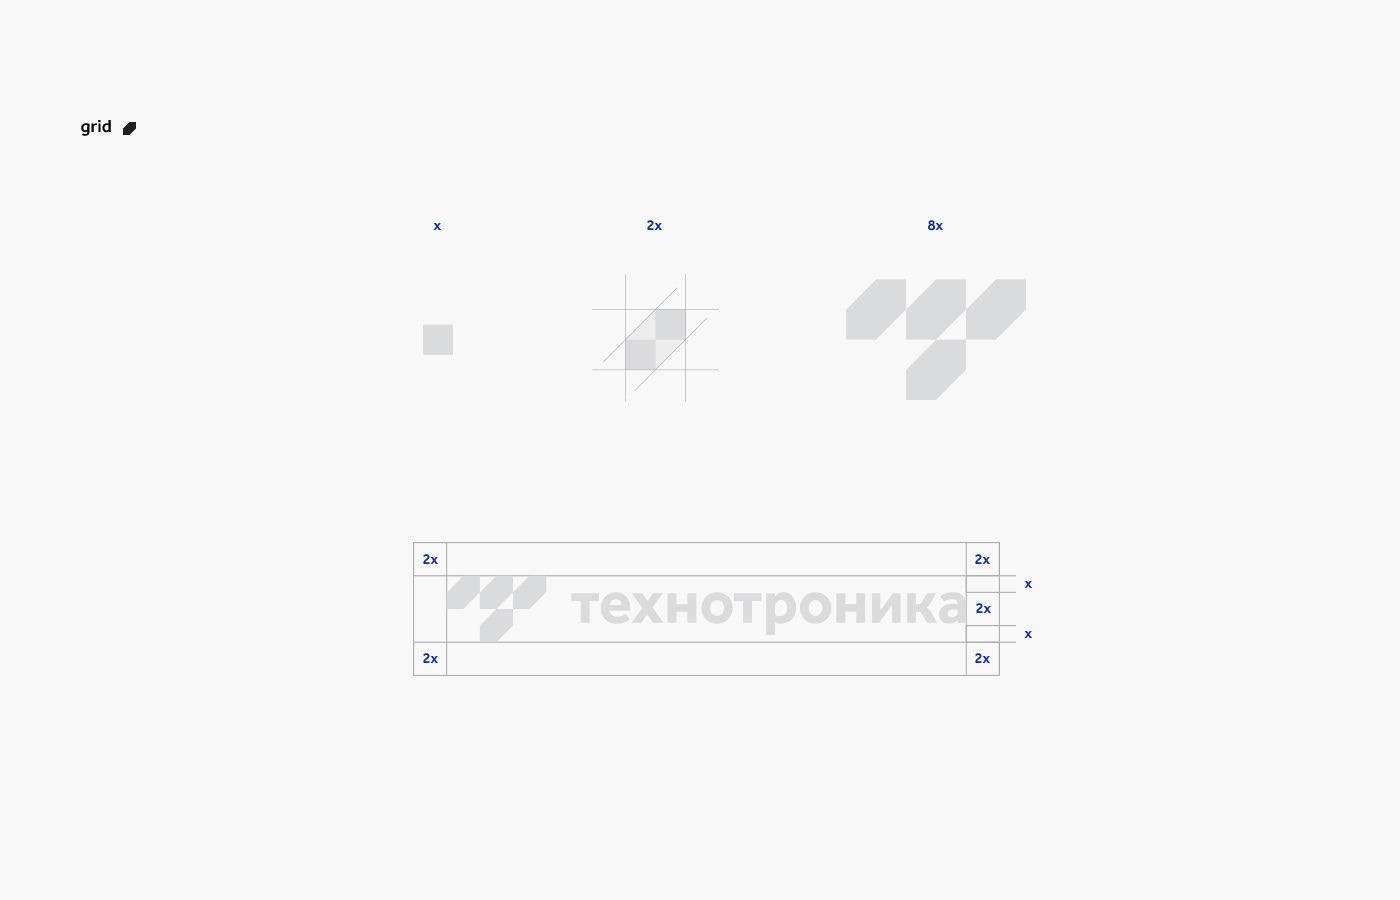 hardware PC Retail Computer design brand techno